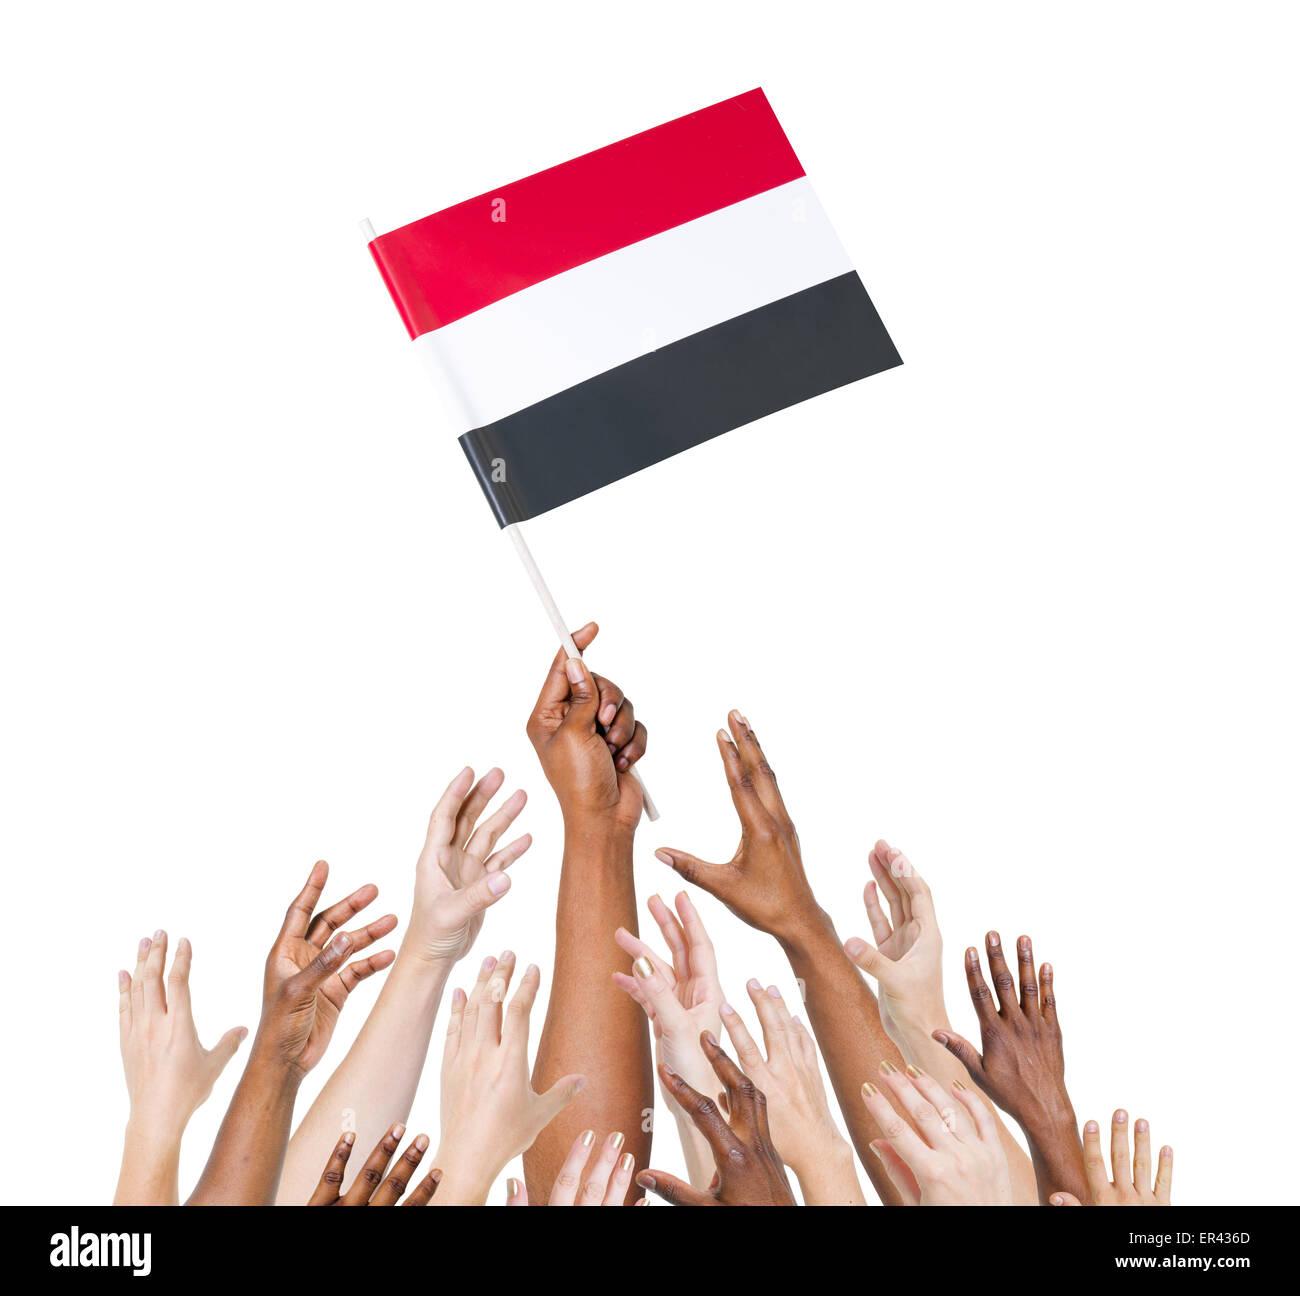 Human hand holding Yemen flag among multi-ethnic group of people's hand Stock Photo